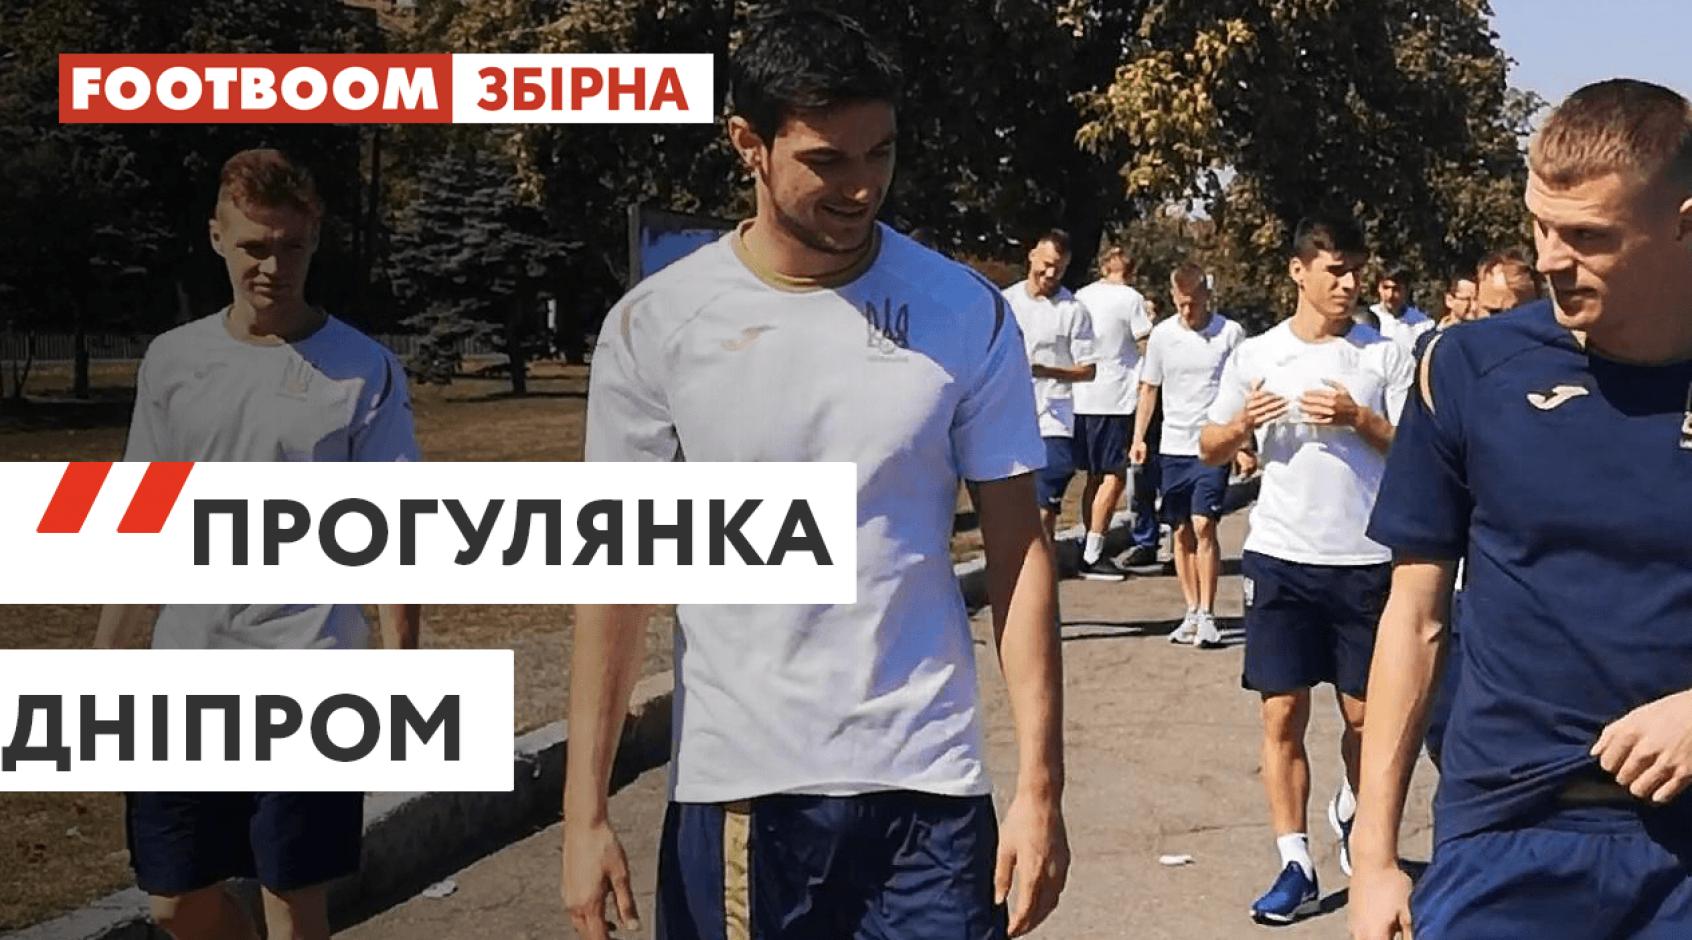 Прогулянка Дніпром (Відео)